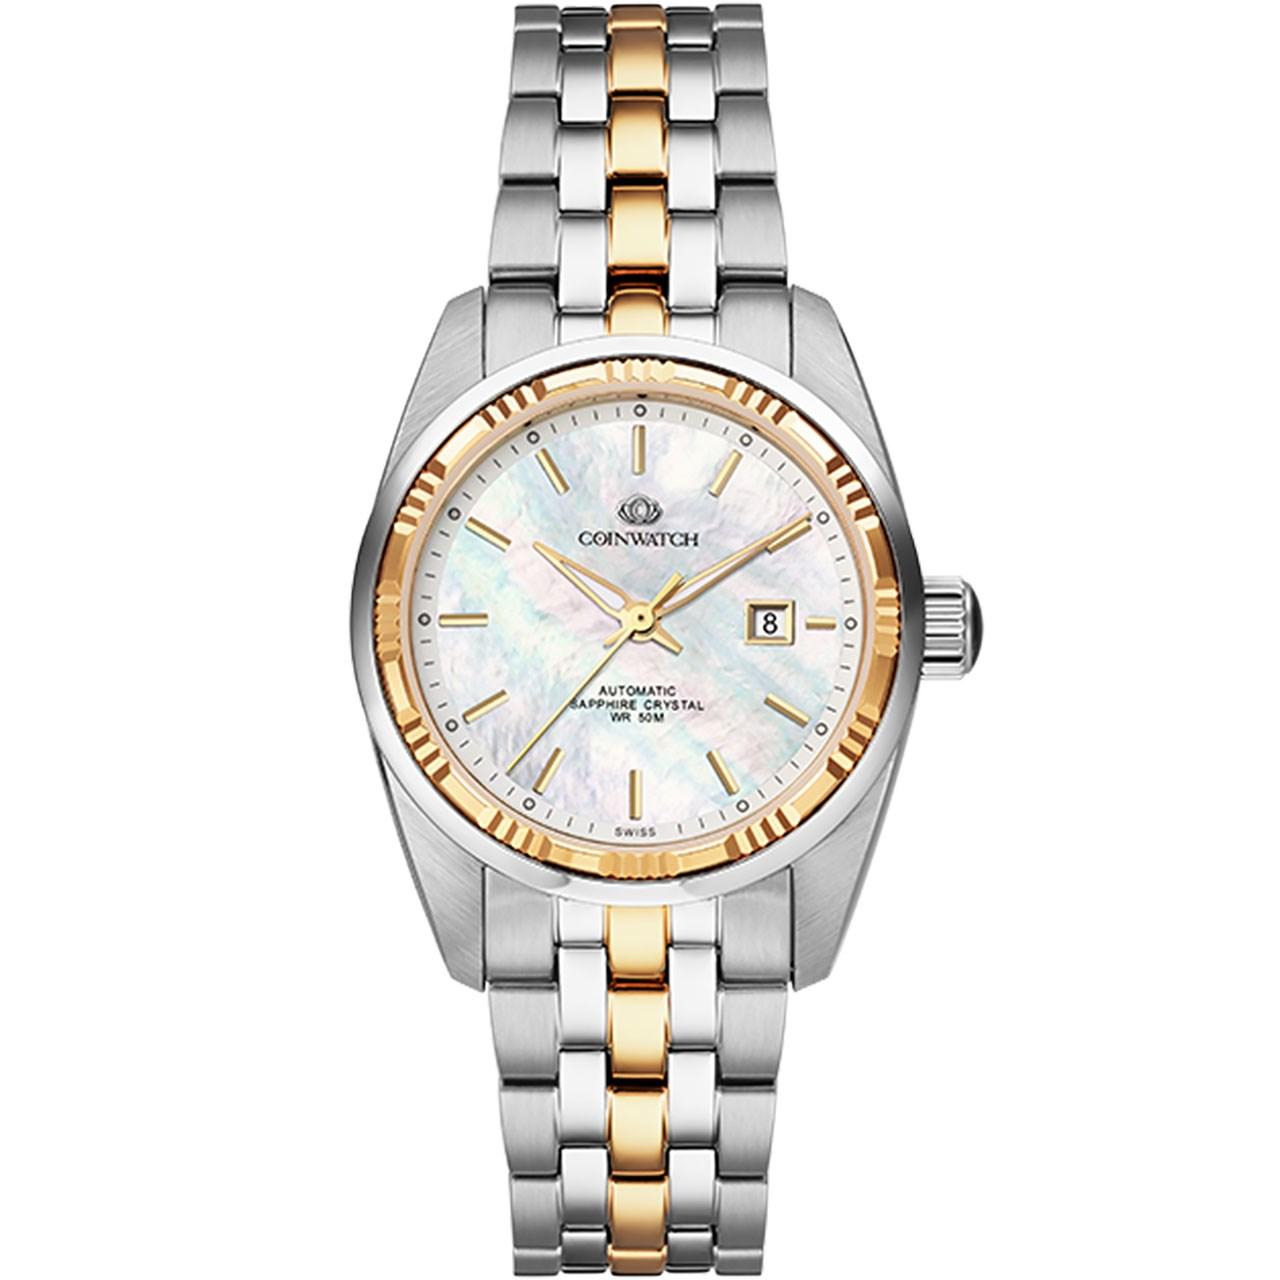 ساعت مچی عقربه ای زنانه کوین واچ مدل C139TWH